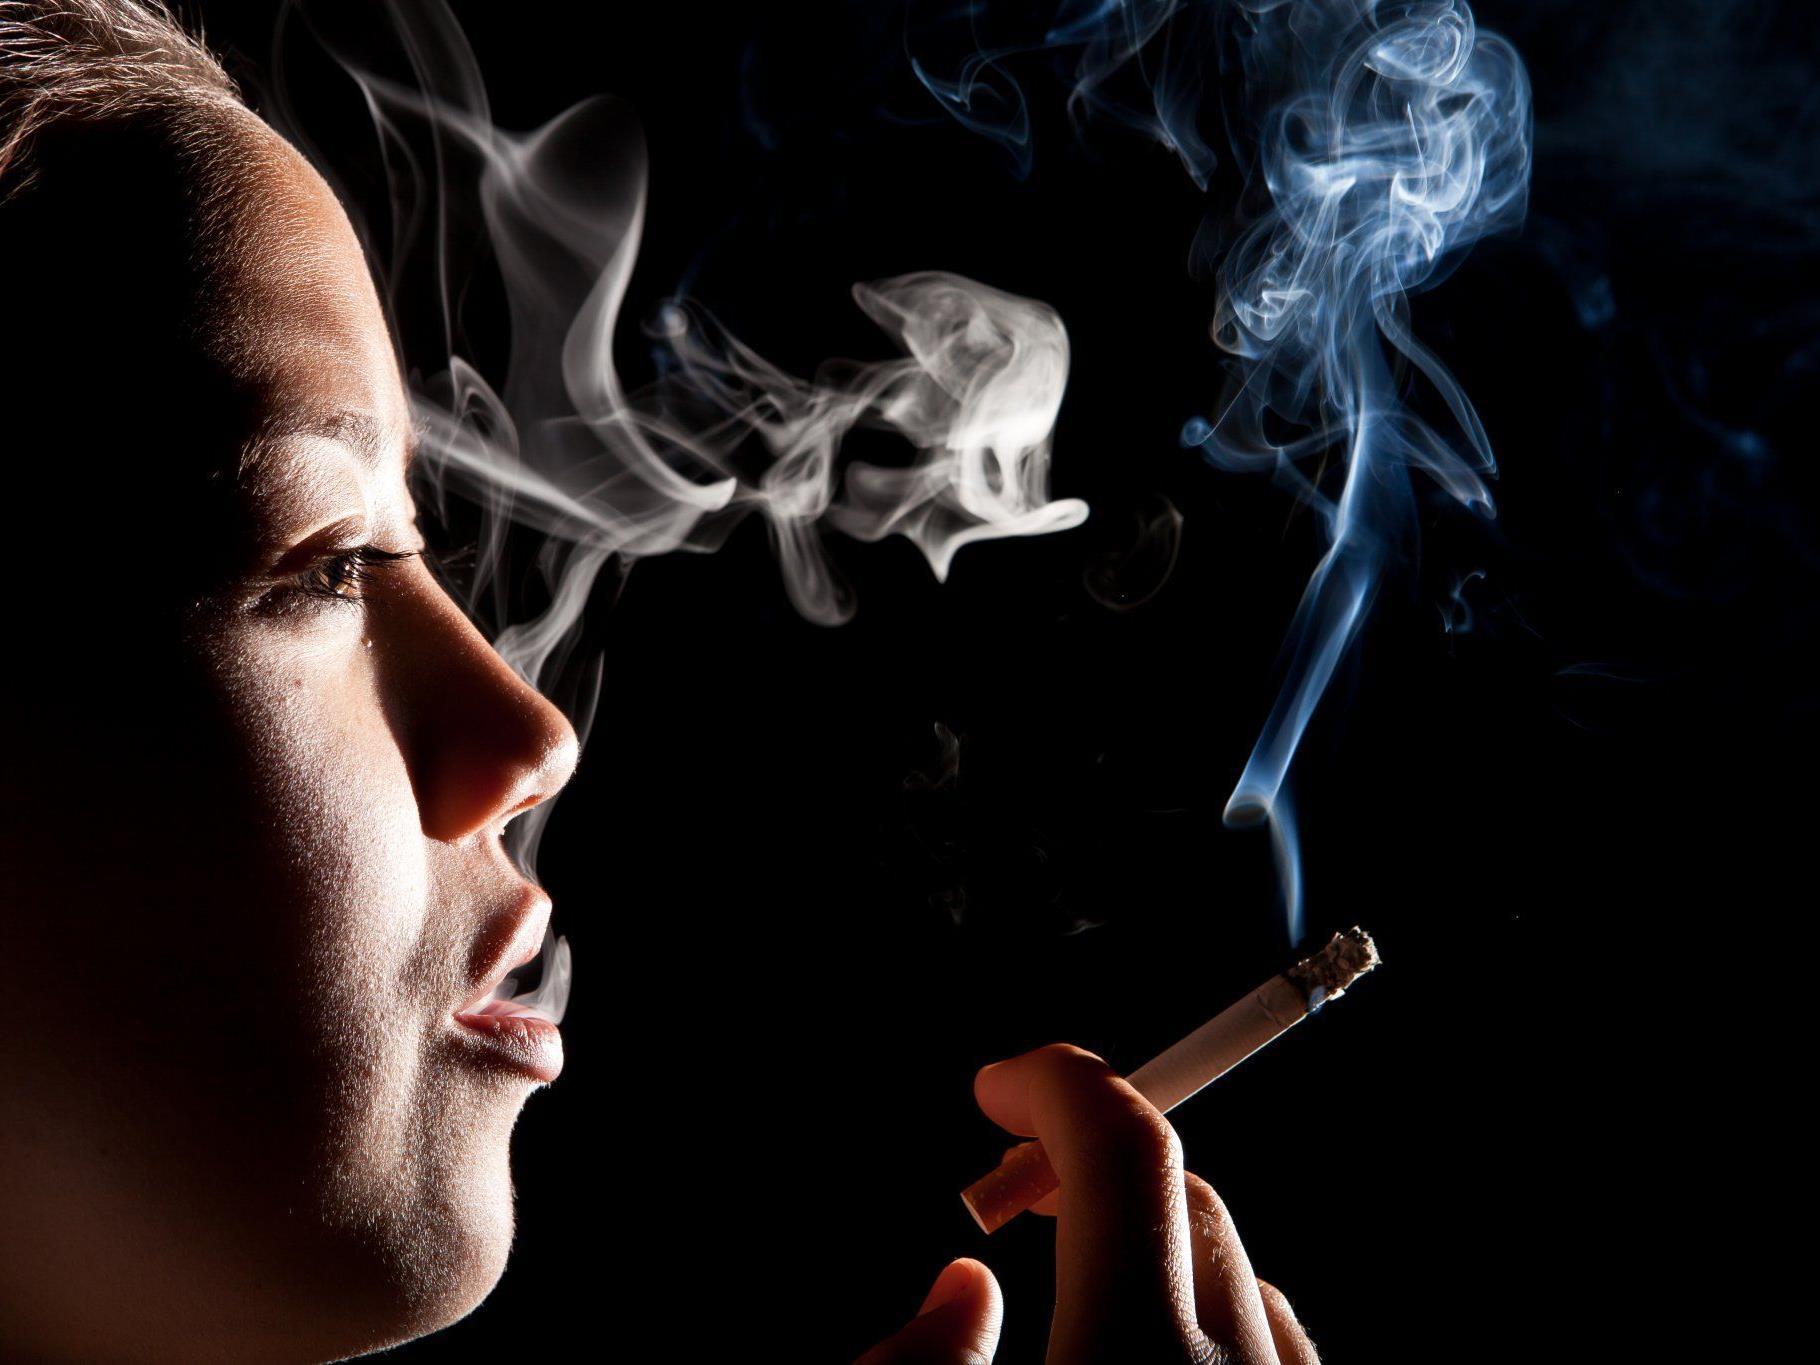 Laut einer Studie rauchen 38 Prozent der Österreicher.